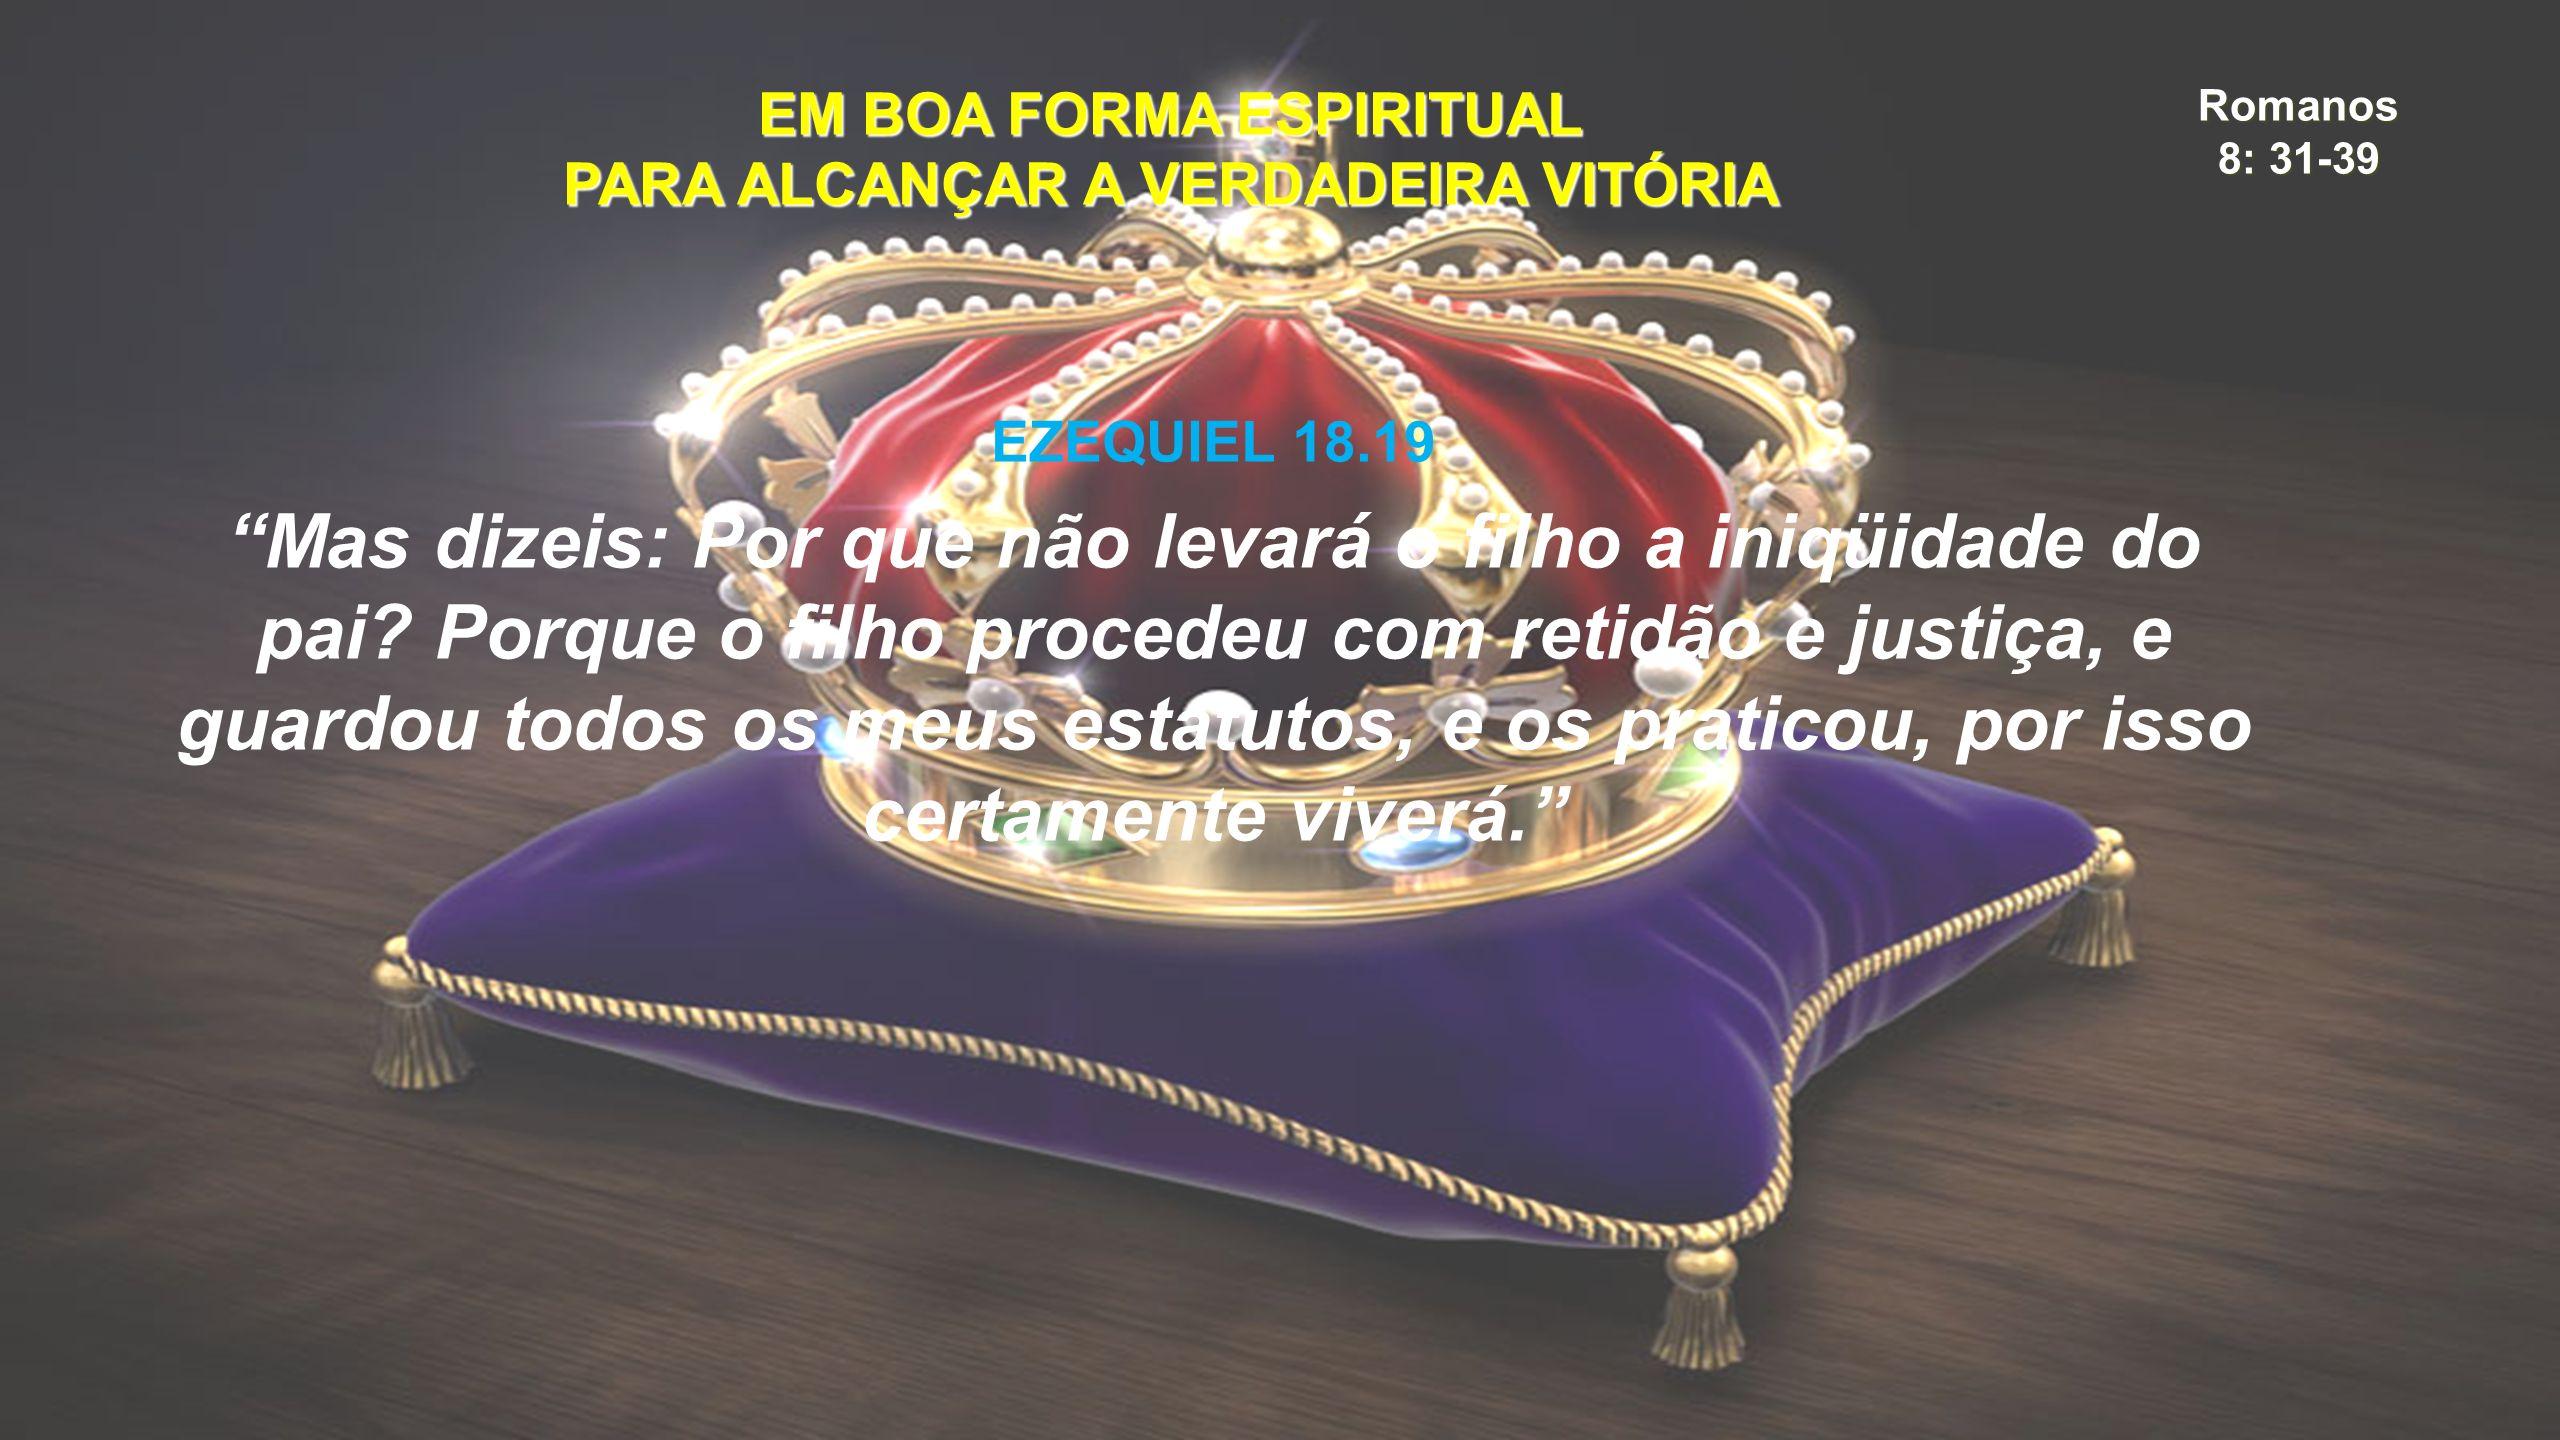 Romanos 8: 31-39 EM BOA FORMA ESPIRITUAL PARA ALCANÇAR A VERDADEIRA VITÓRIA EZEQUIEL 18.19 Mas dizeis: Por que não levará o filho a iniqüidade do pai.